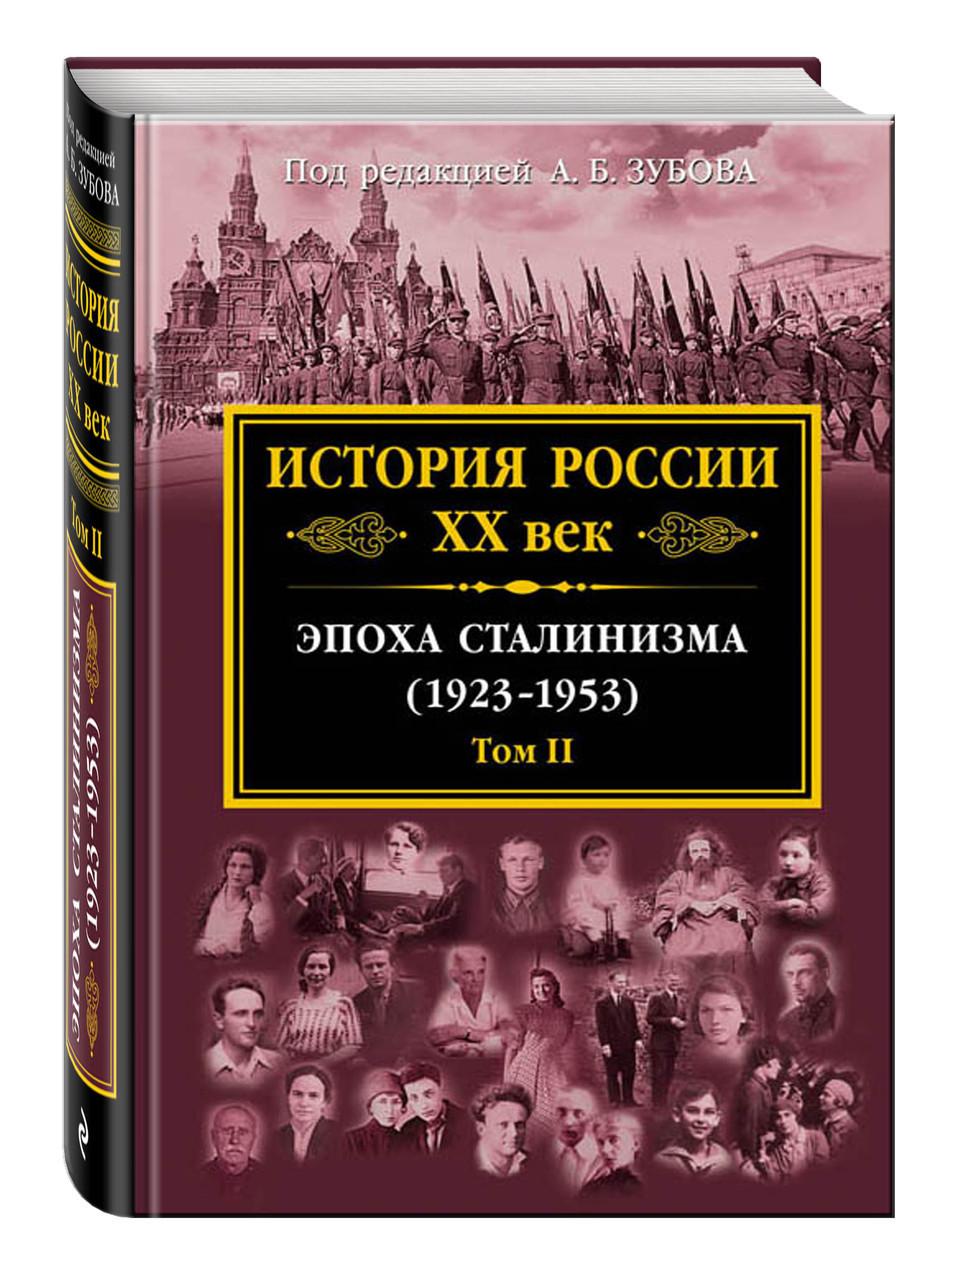 Зубов А.Б. История России XX век. Эпоха Сталинизма (1923-1953). Том II